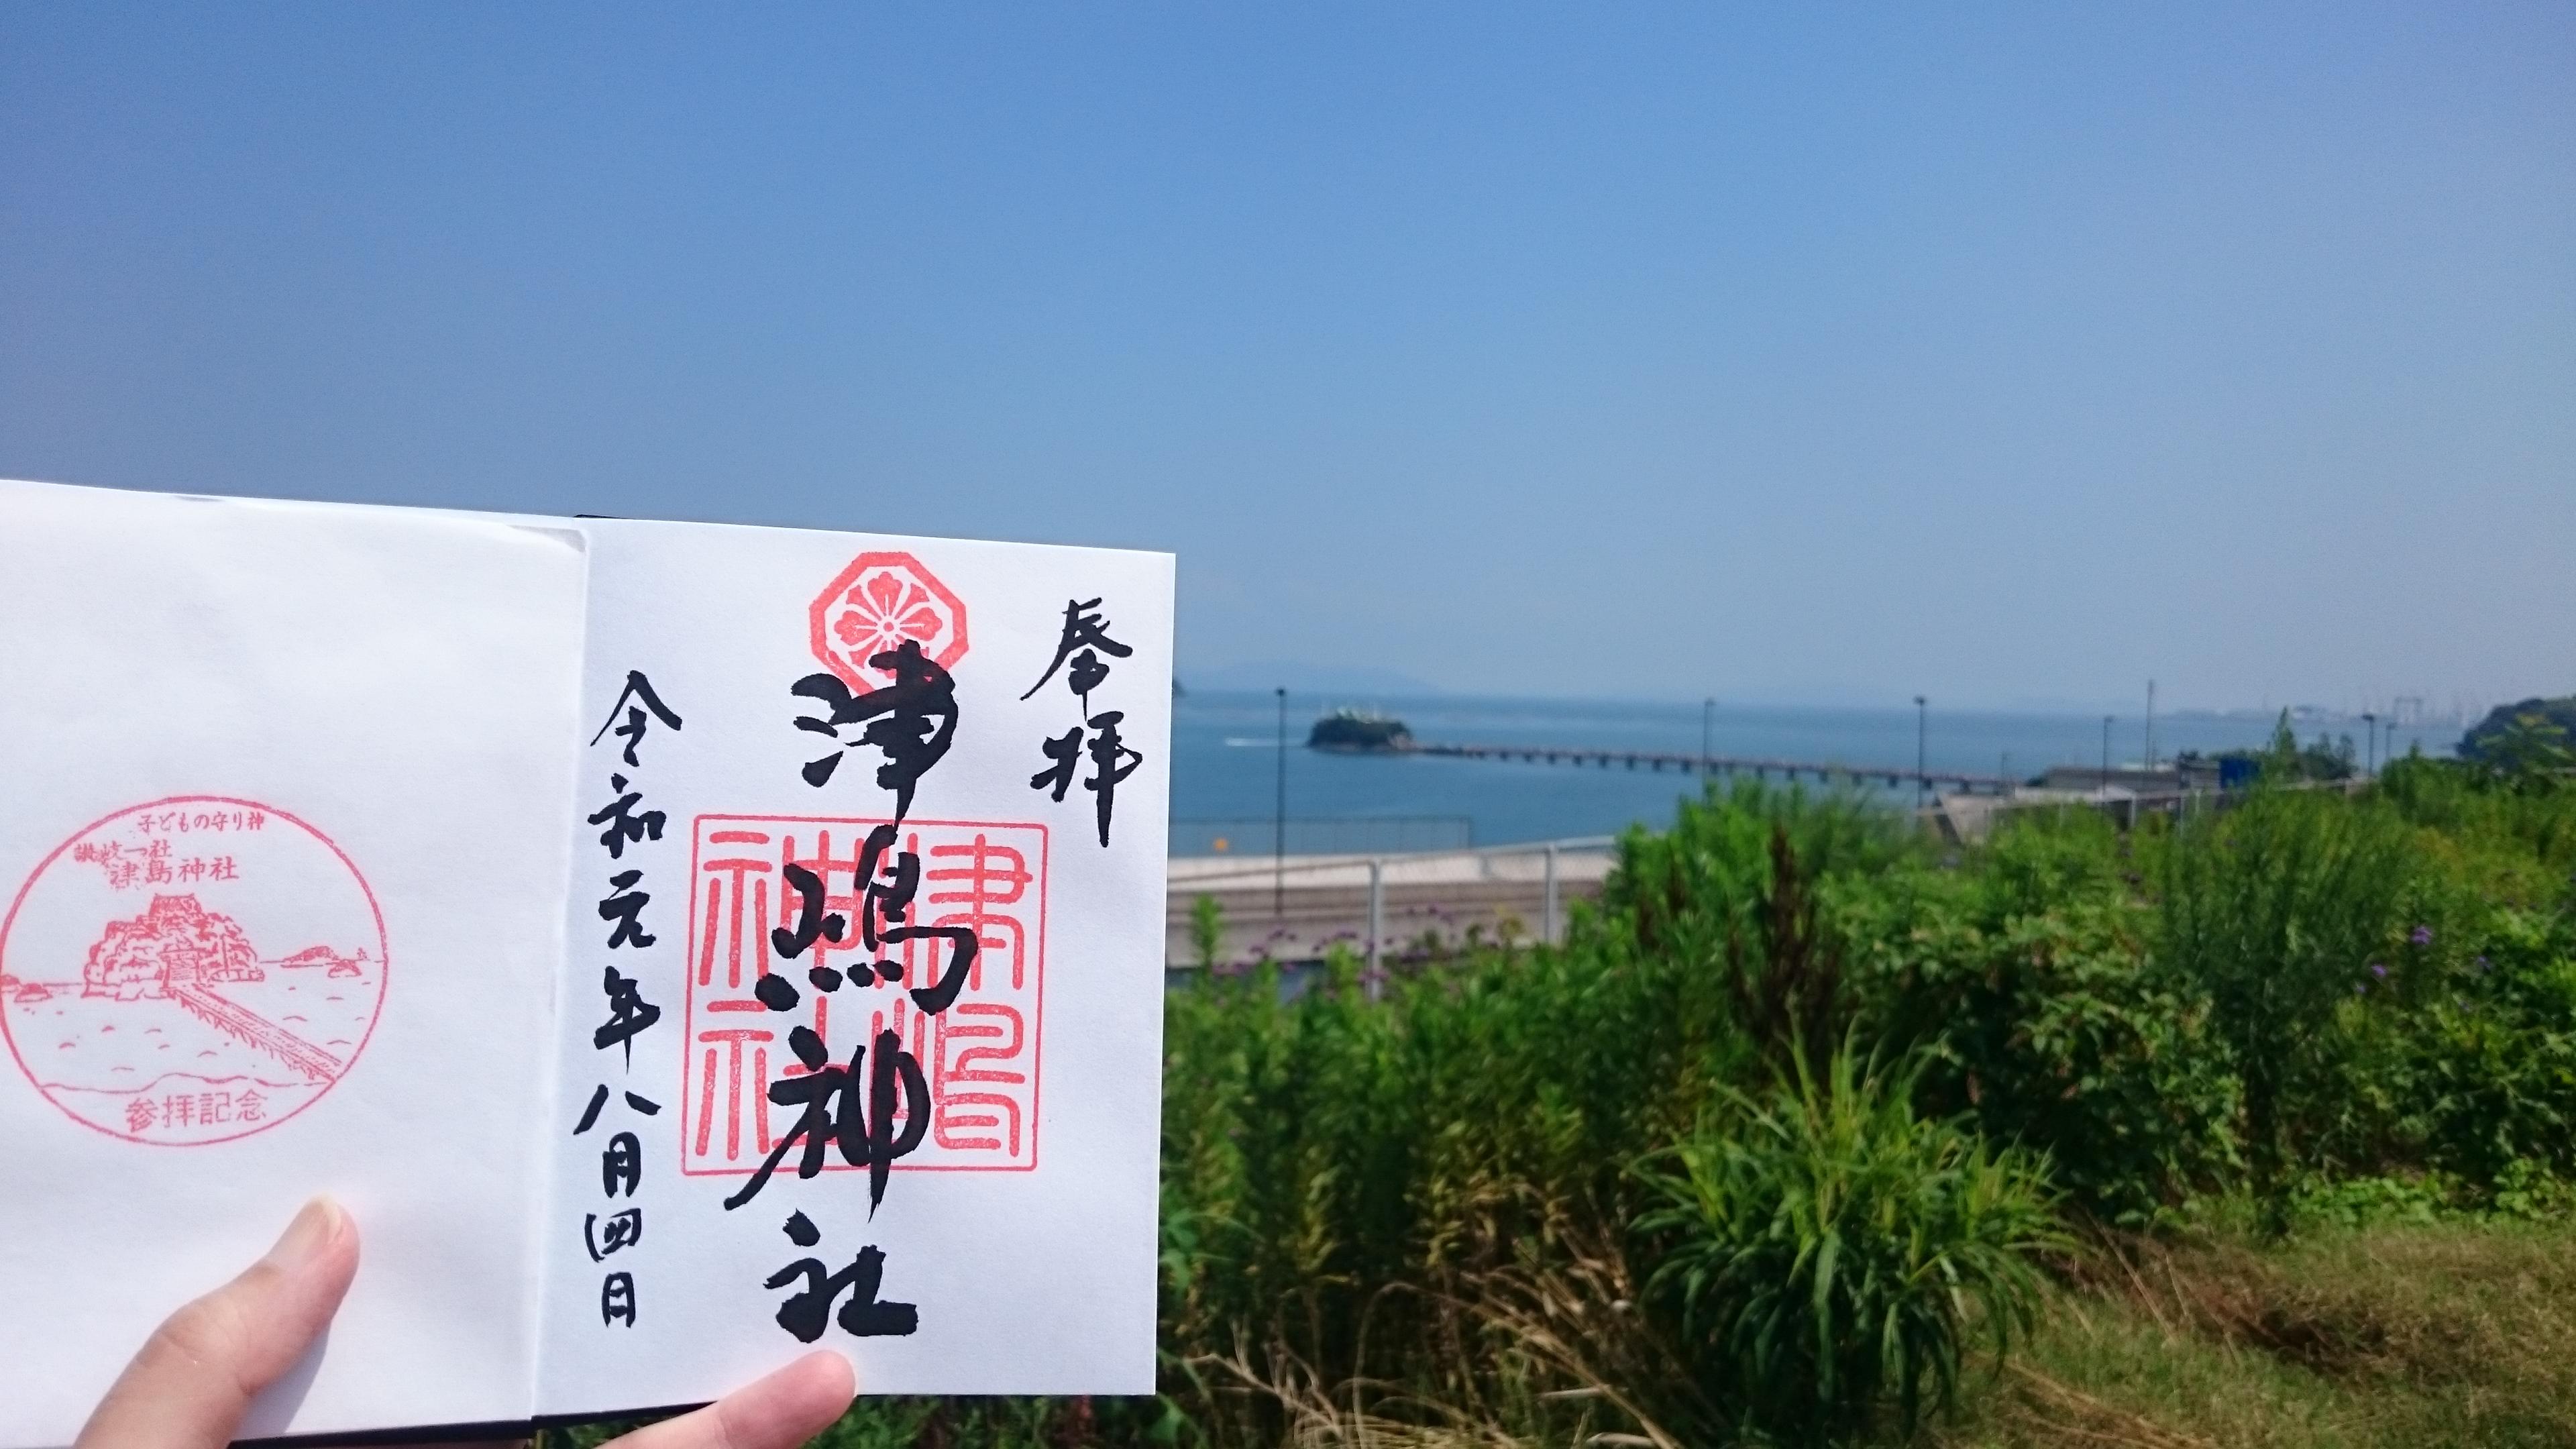 【香川 津嶋神社】年に2日しか上陸できない島にある神秘的な神社 御朱印・アクセス・駐車場情報